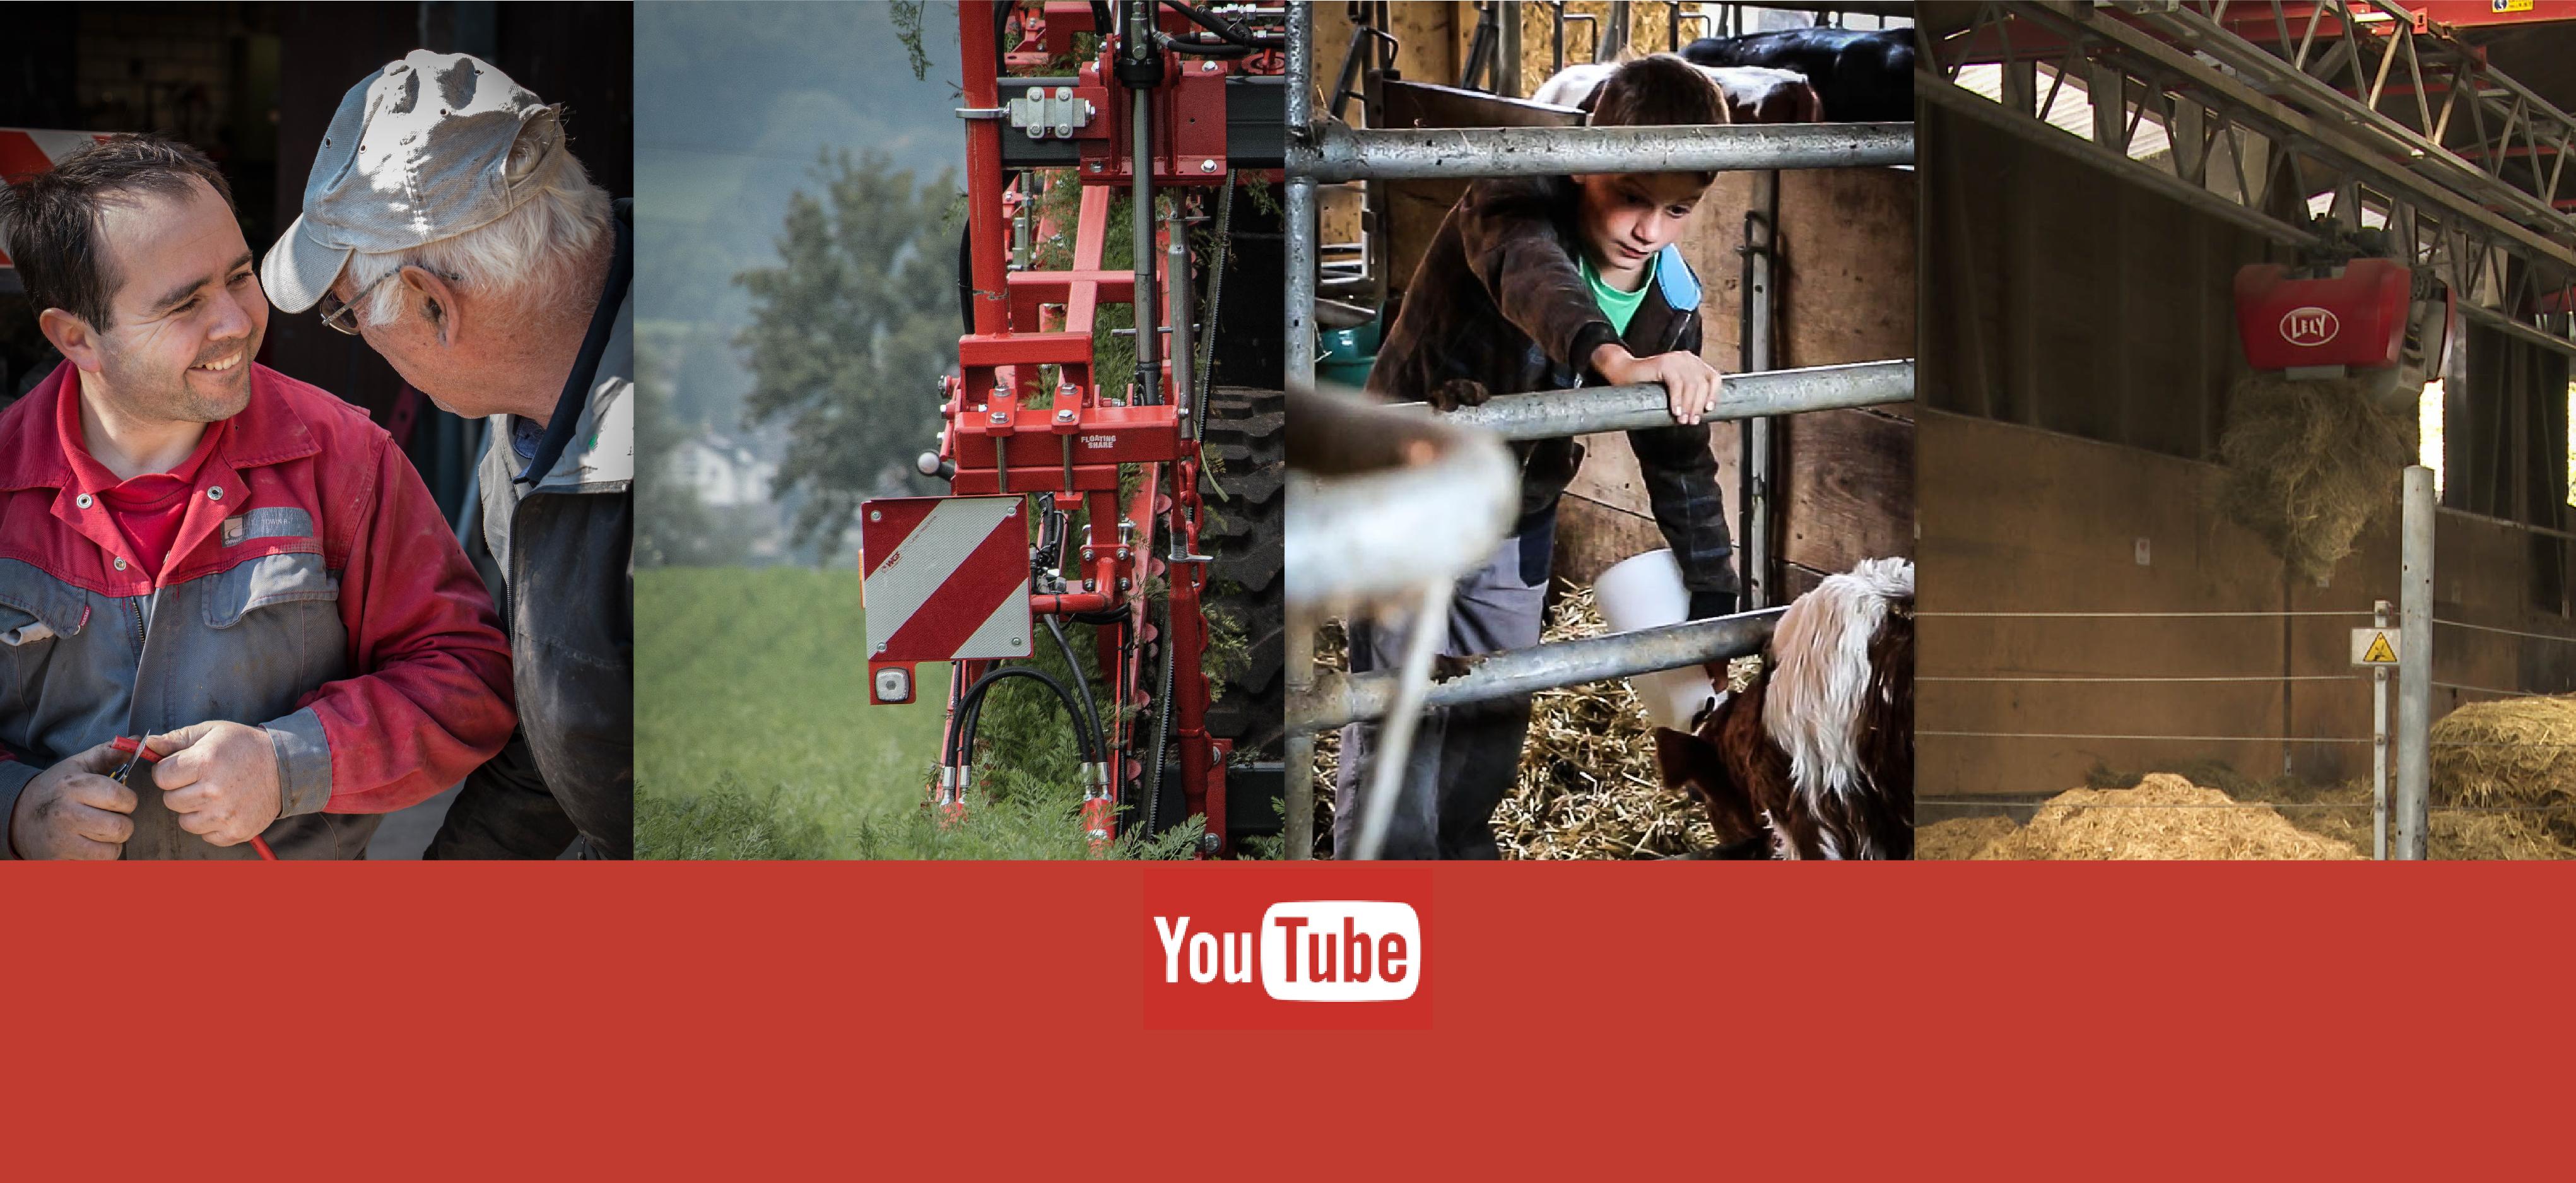 Weiter zu unserem YouTube Kanal